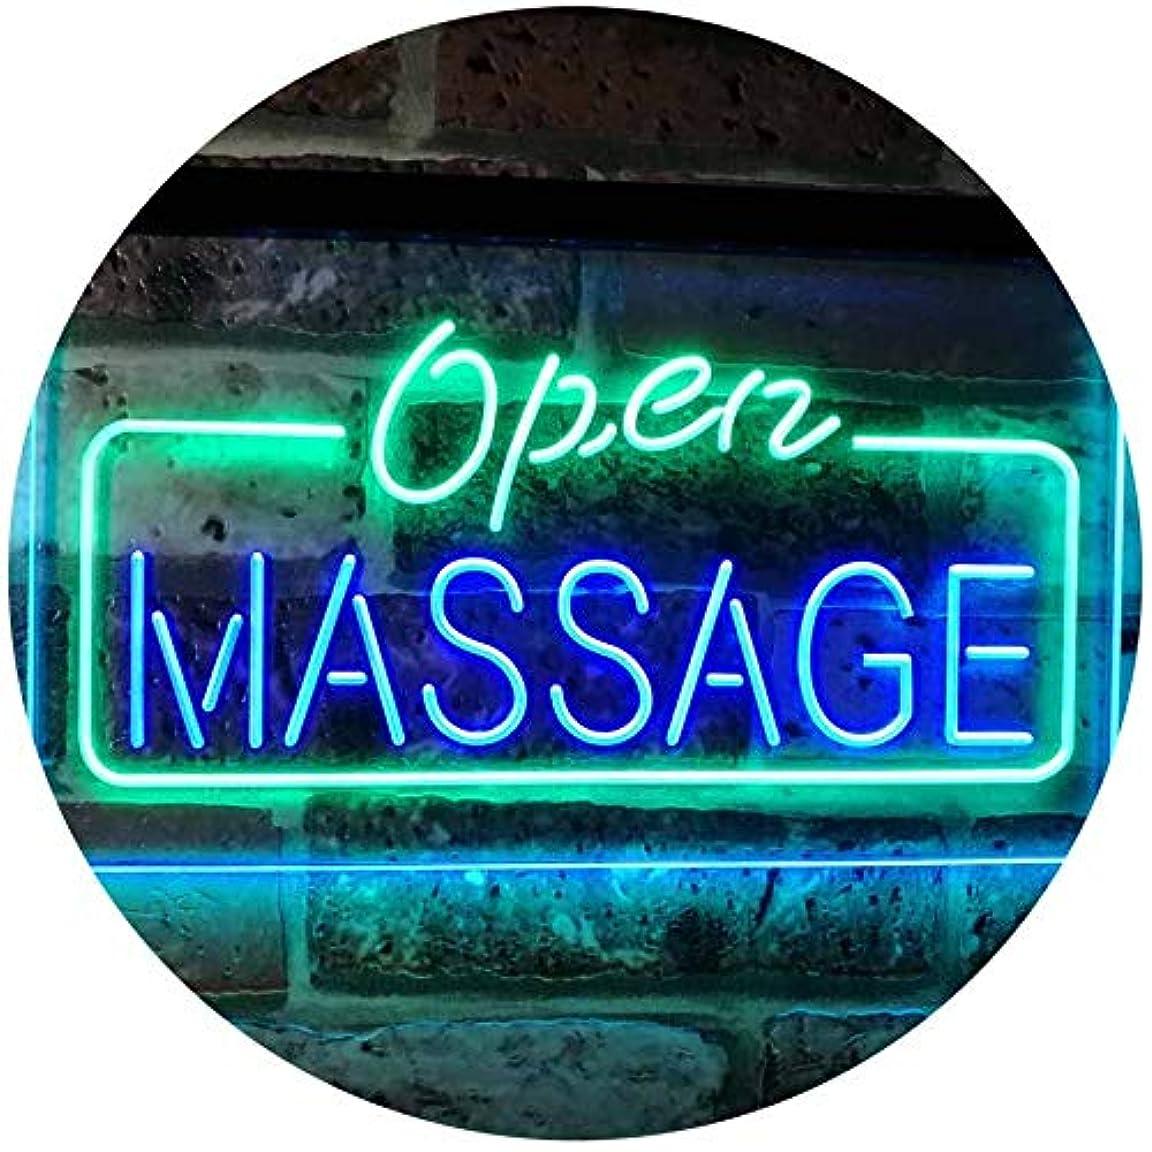 自治素人透過性Massage Therapy Open Walk-In-Welcome Display Body Care LED看板 ネオンプレート サイン 標識 Green & Blue 400mm x 300mm st6s43-...